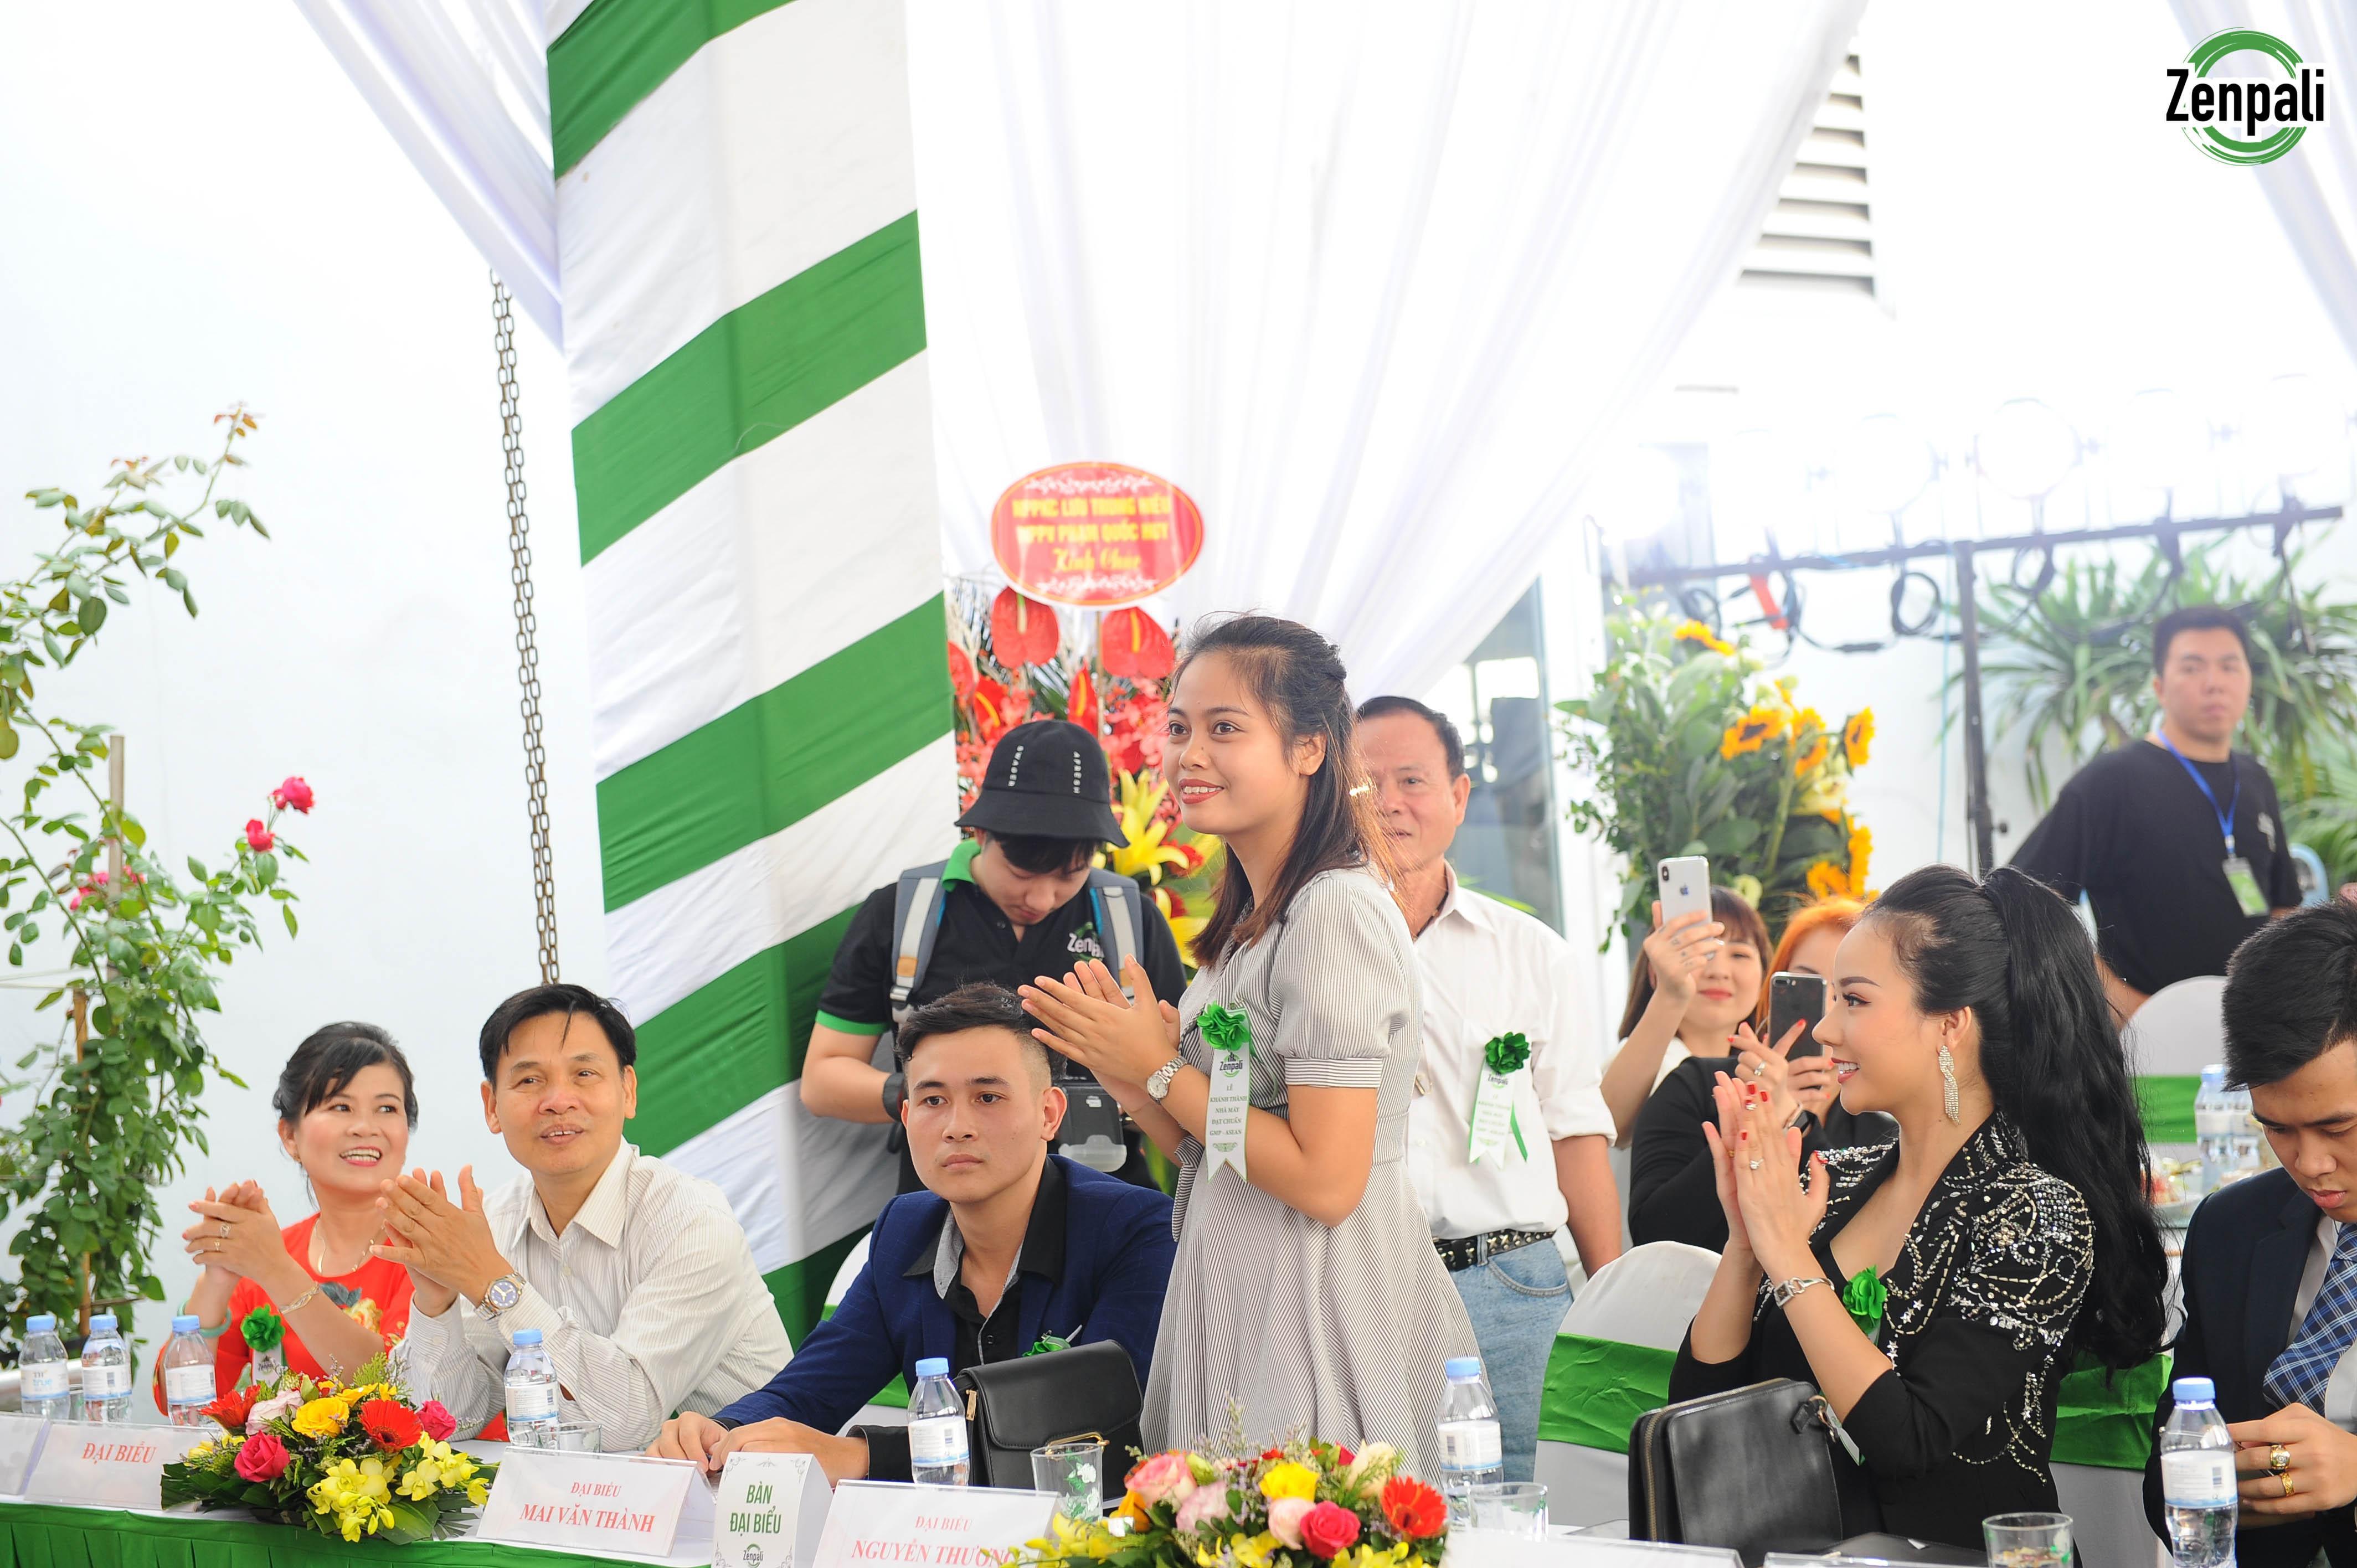 Bà Nguyễn Thị Thương – Giám đốc công ty TNHH Tư vấn Fnial Legal Việt Nam - đại diện cơ quan Pháp Lý bảo hộ Công ty Zenpali